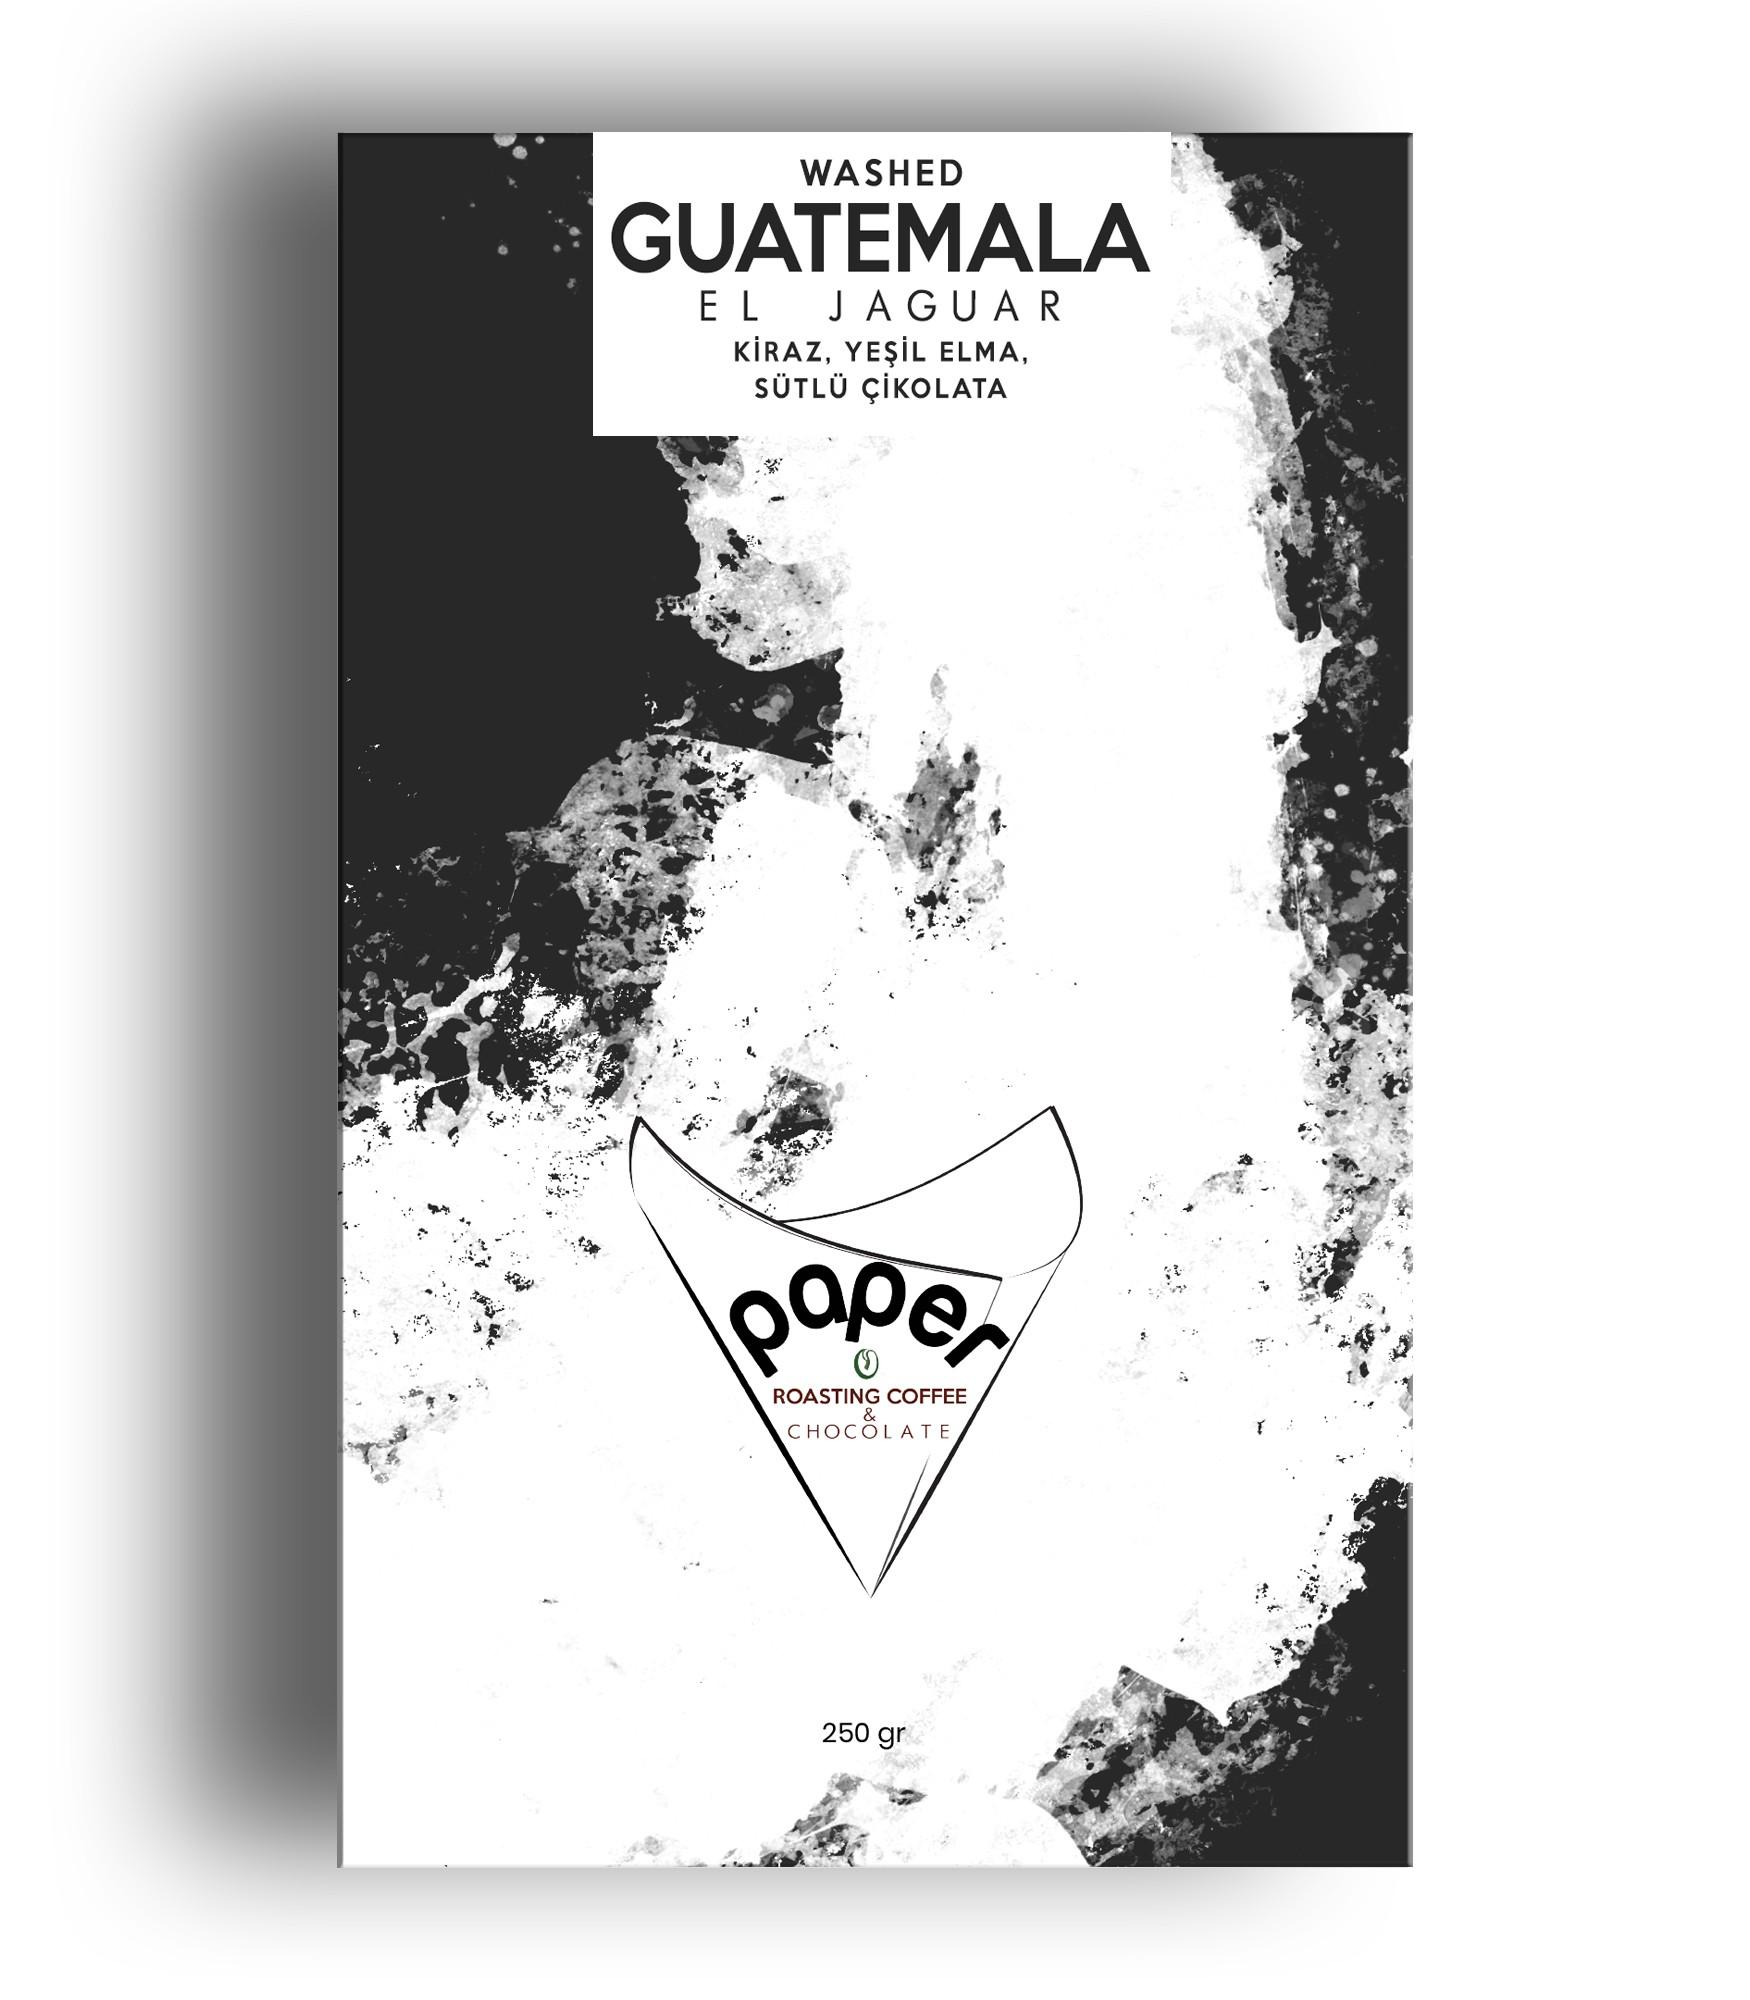 Guatemala El Jaguar